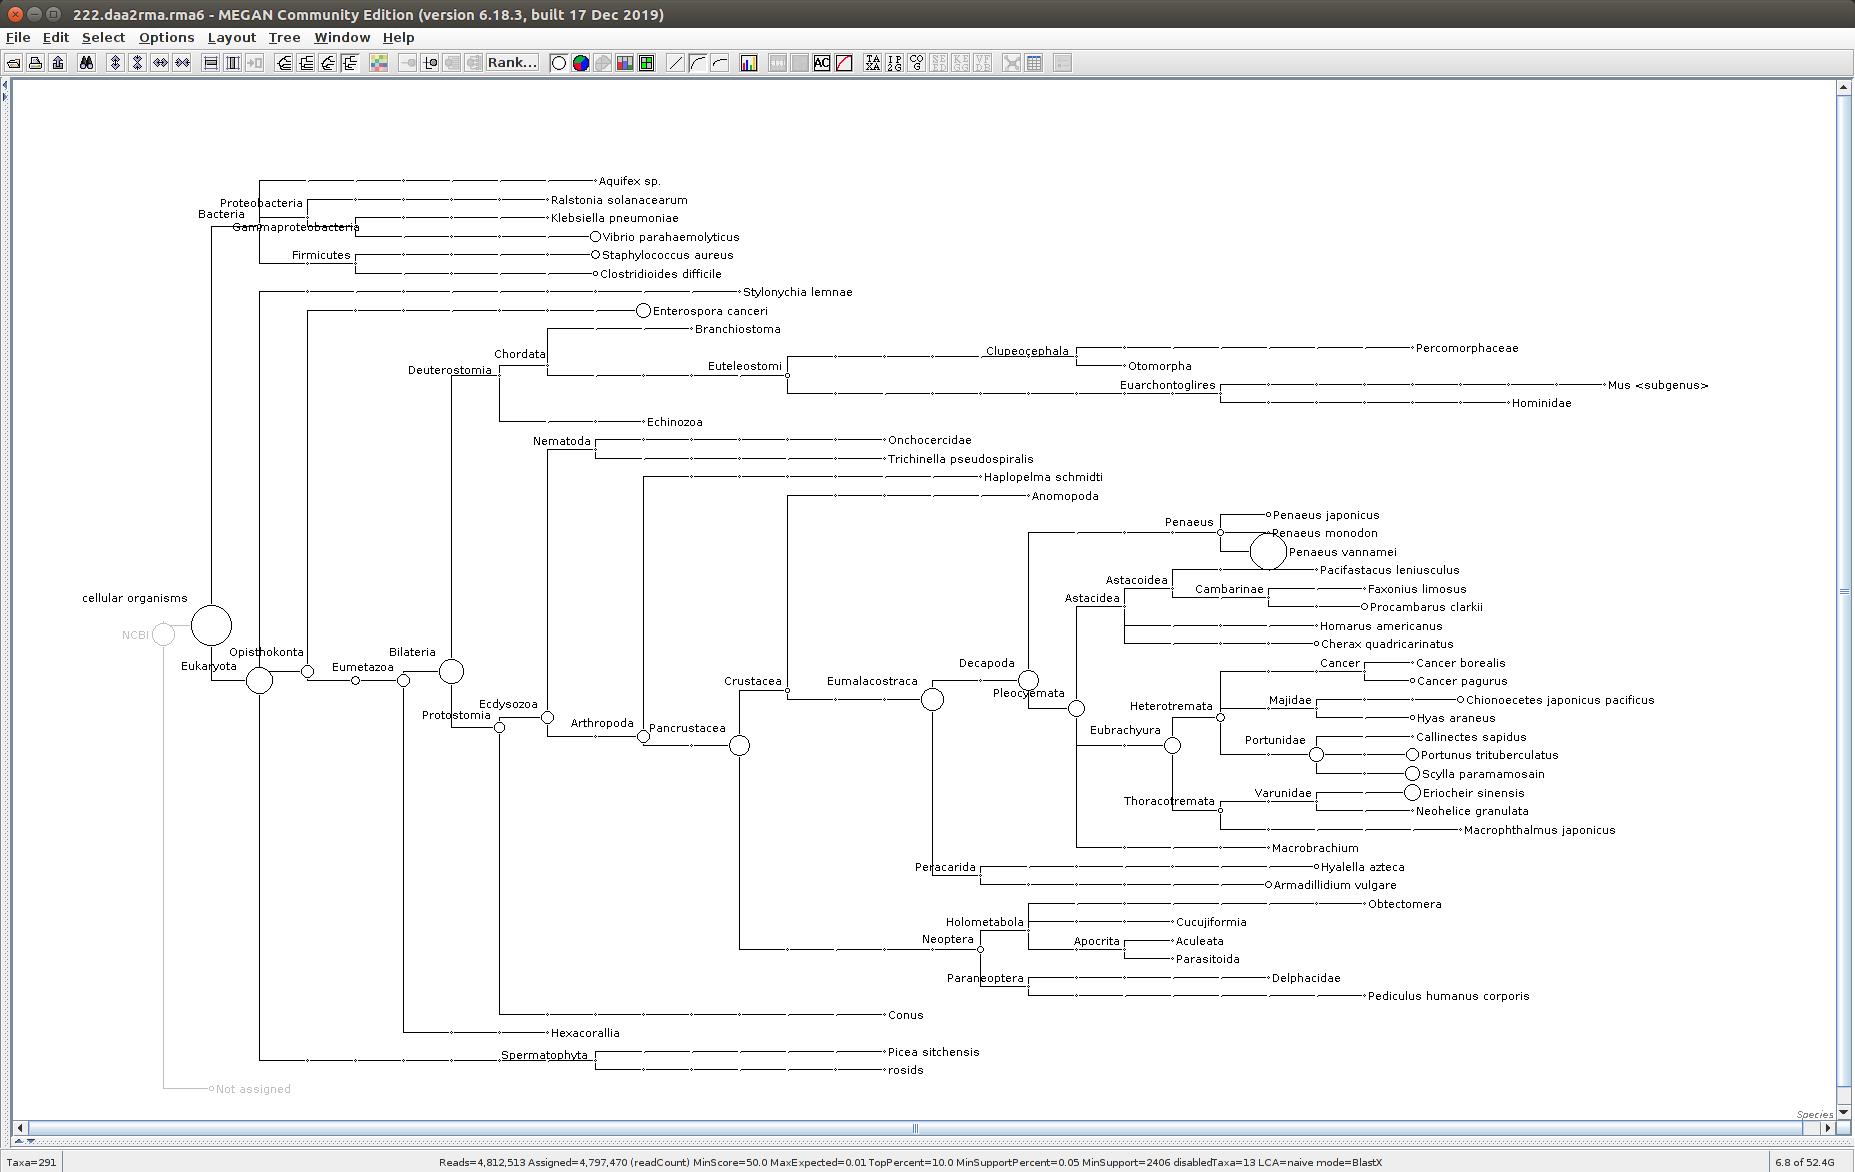 254 MEGAN6 taxonomic tree